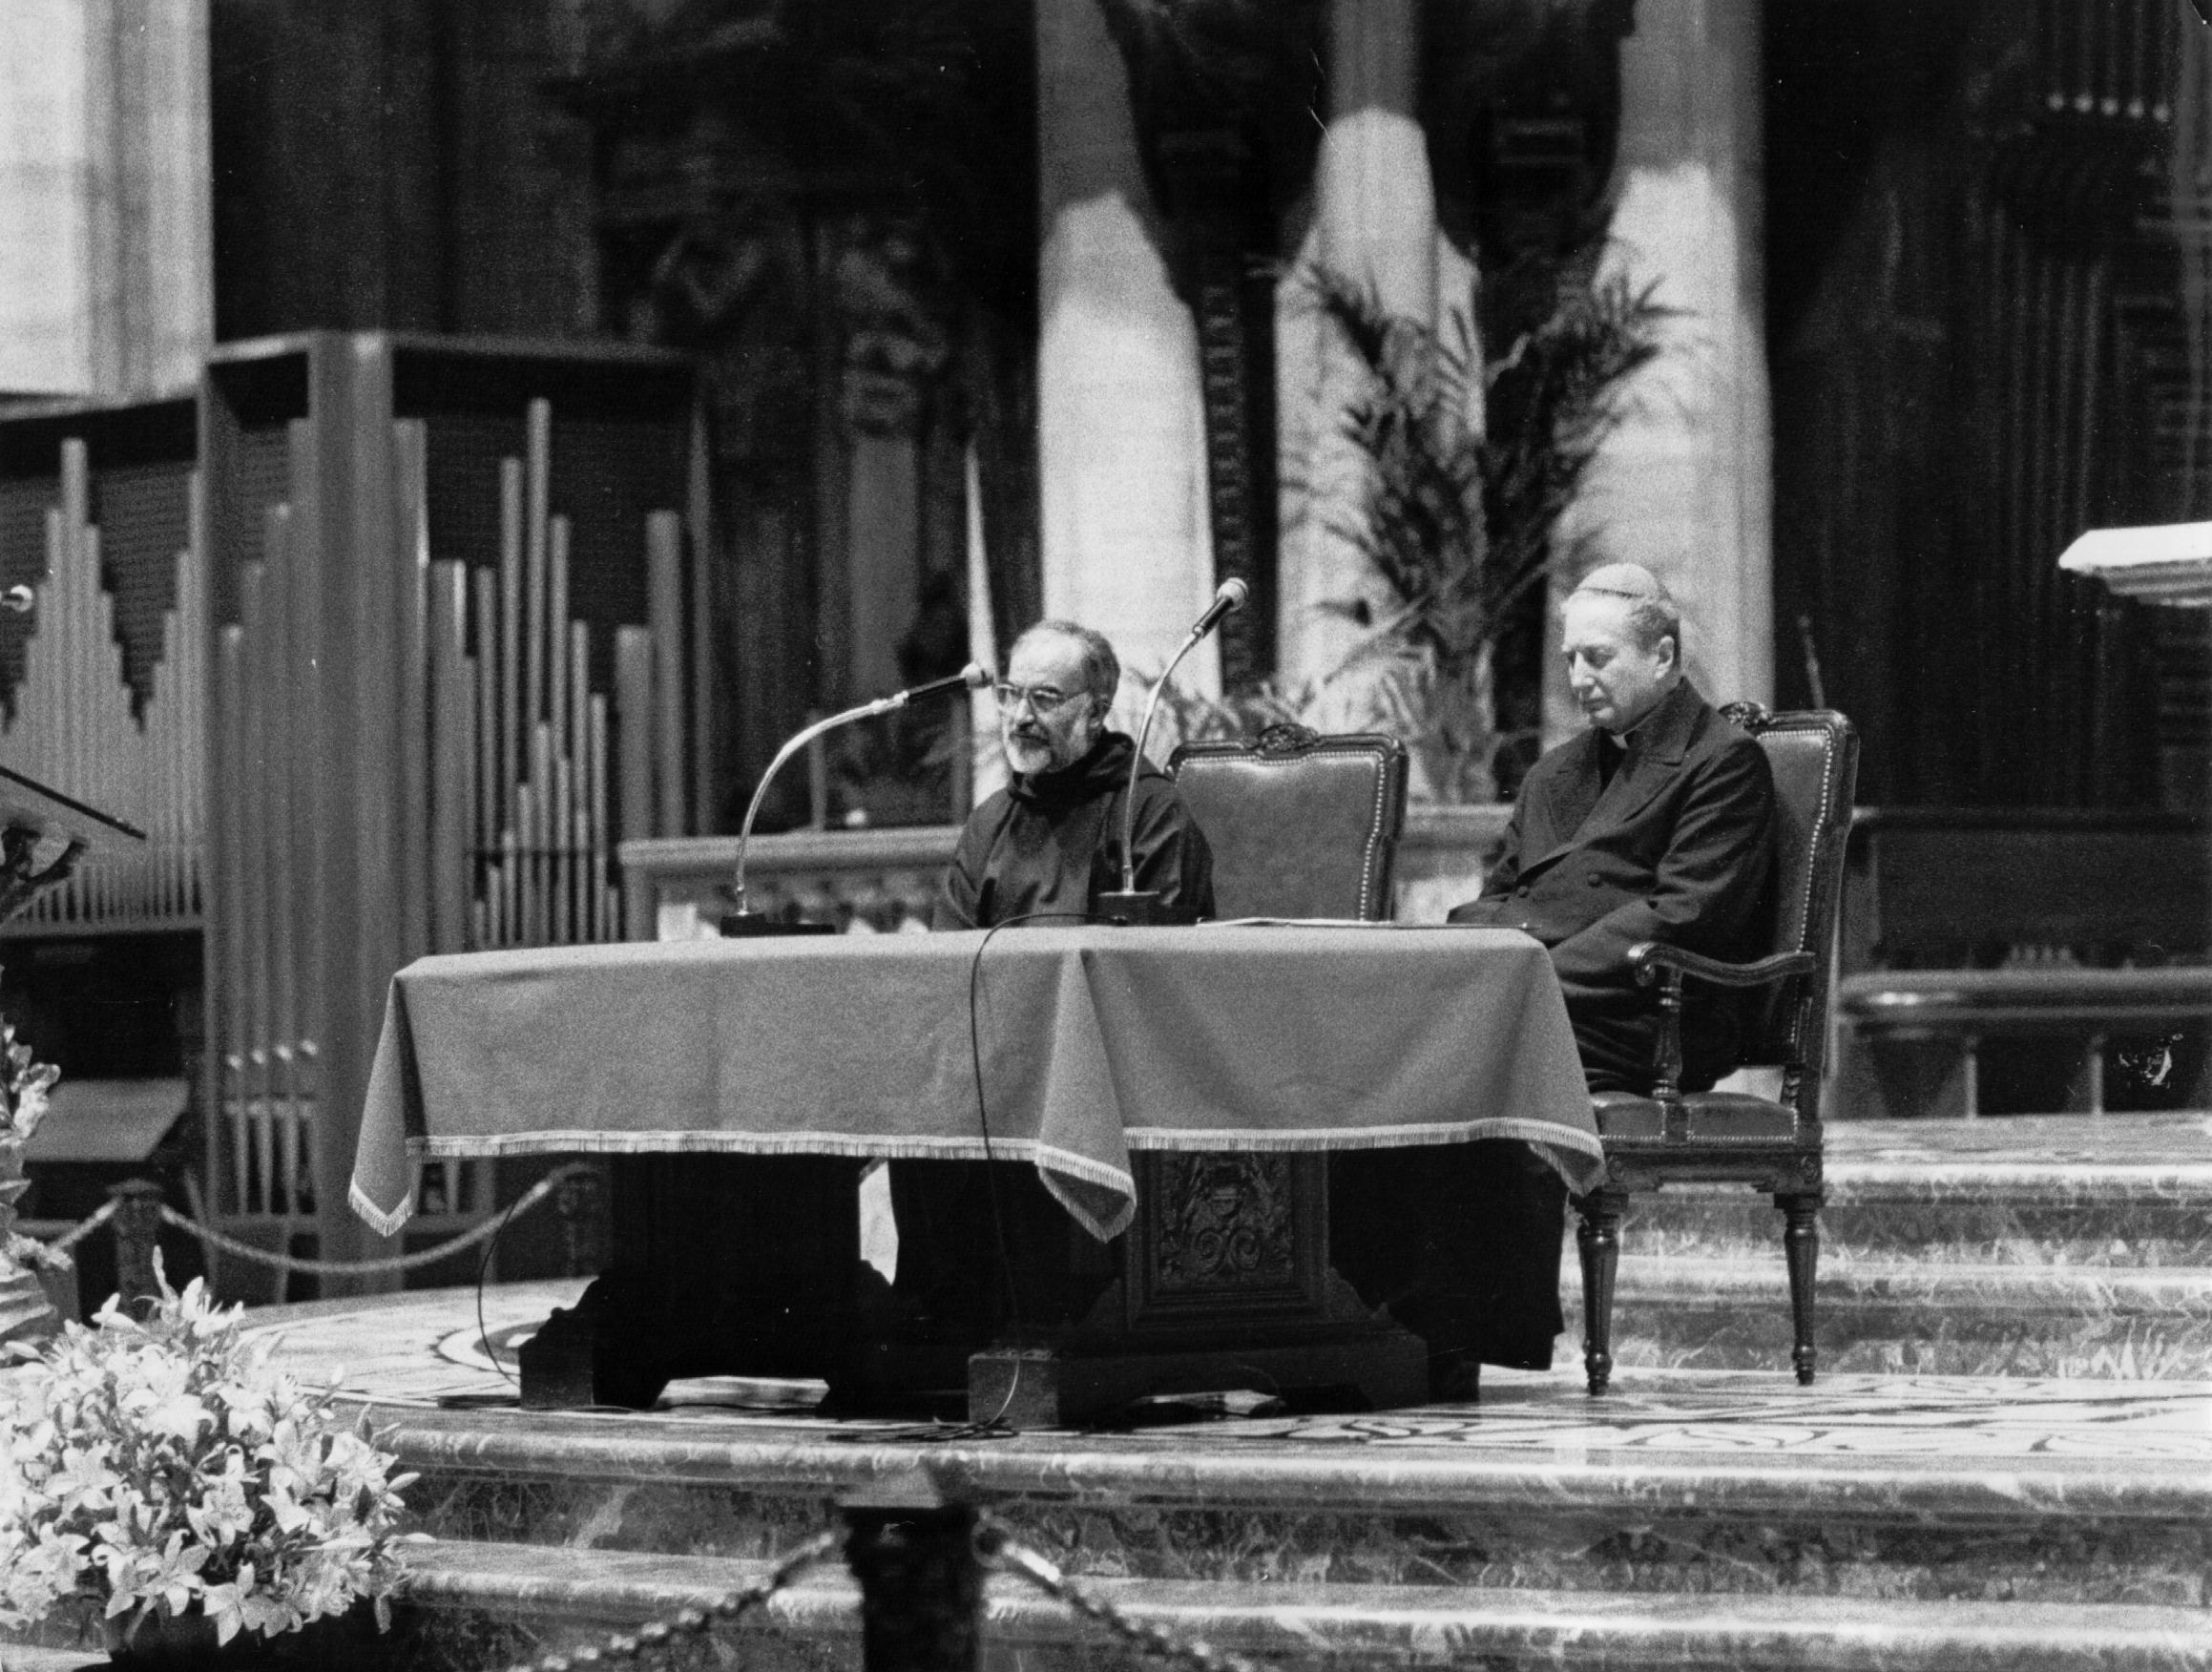 1990, IV edizione: il card. Carlo Maria Martini e il p. Raniero Cantalamessa in duomo